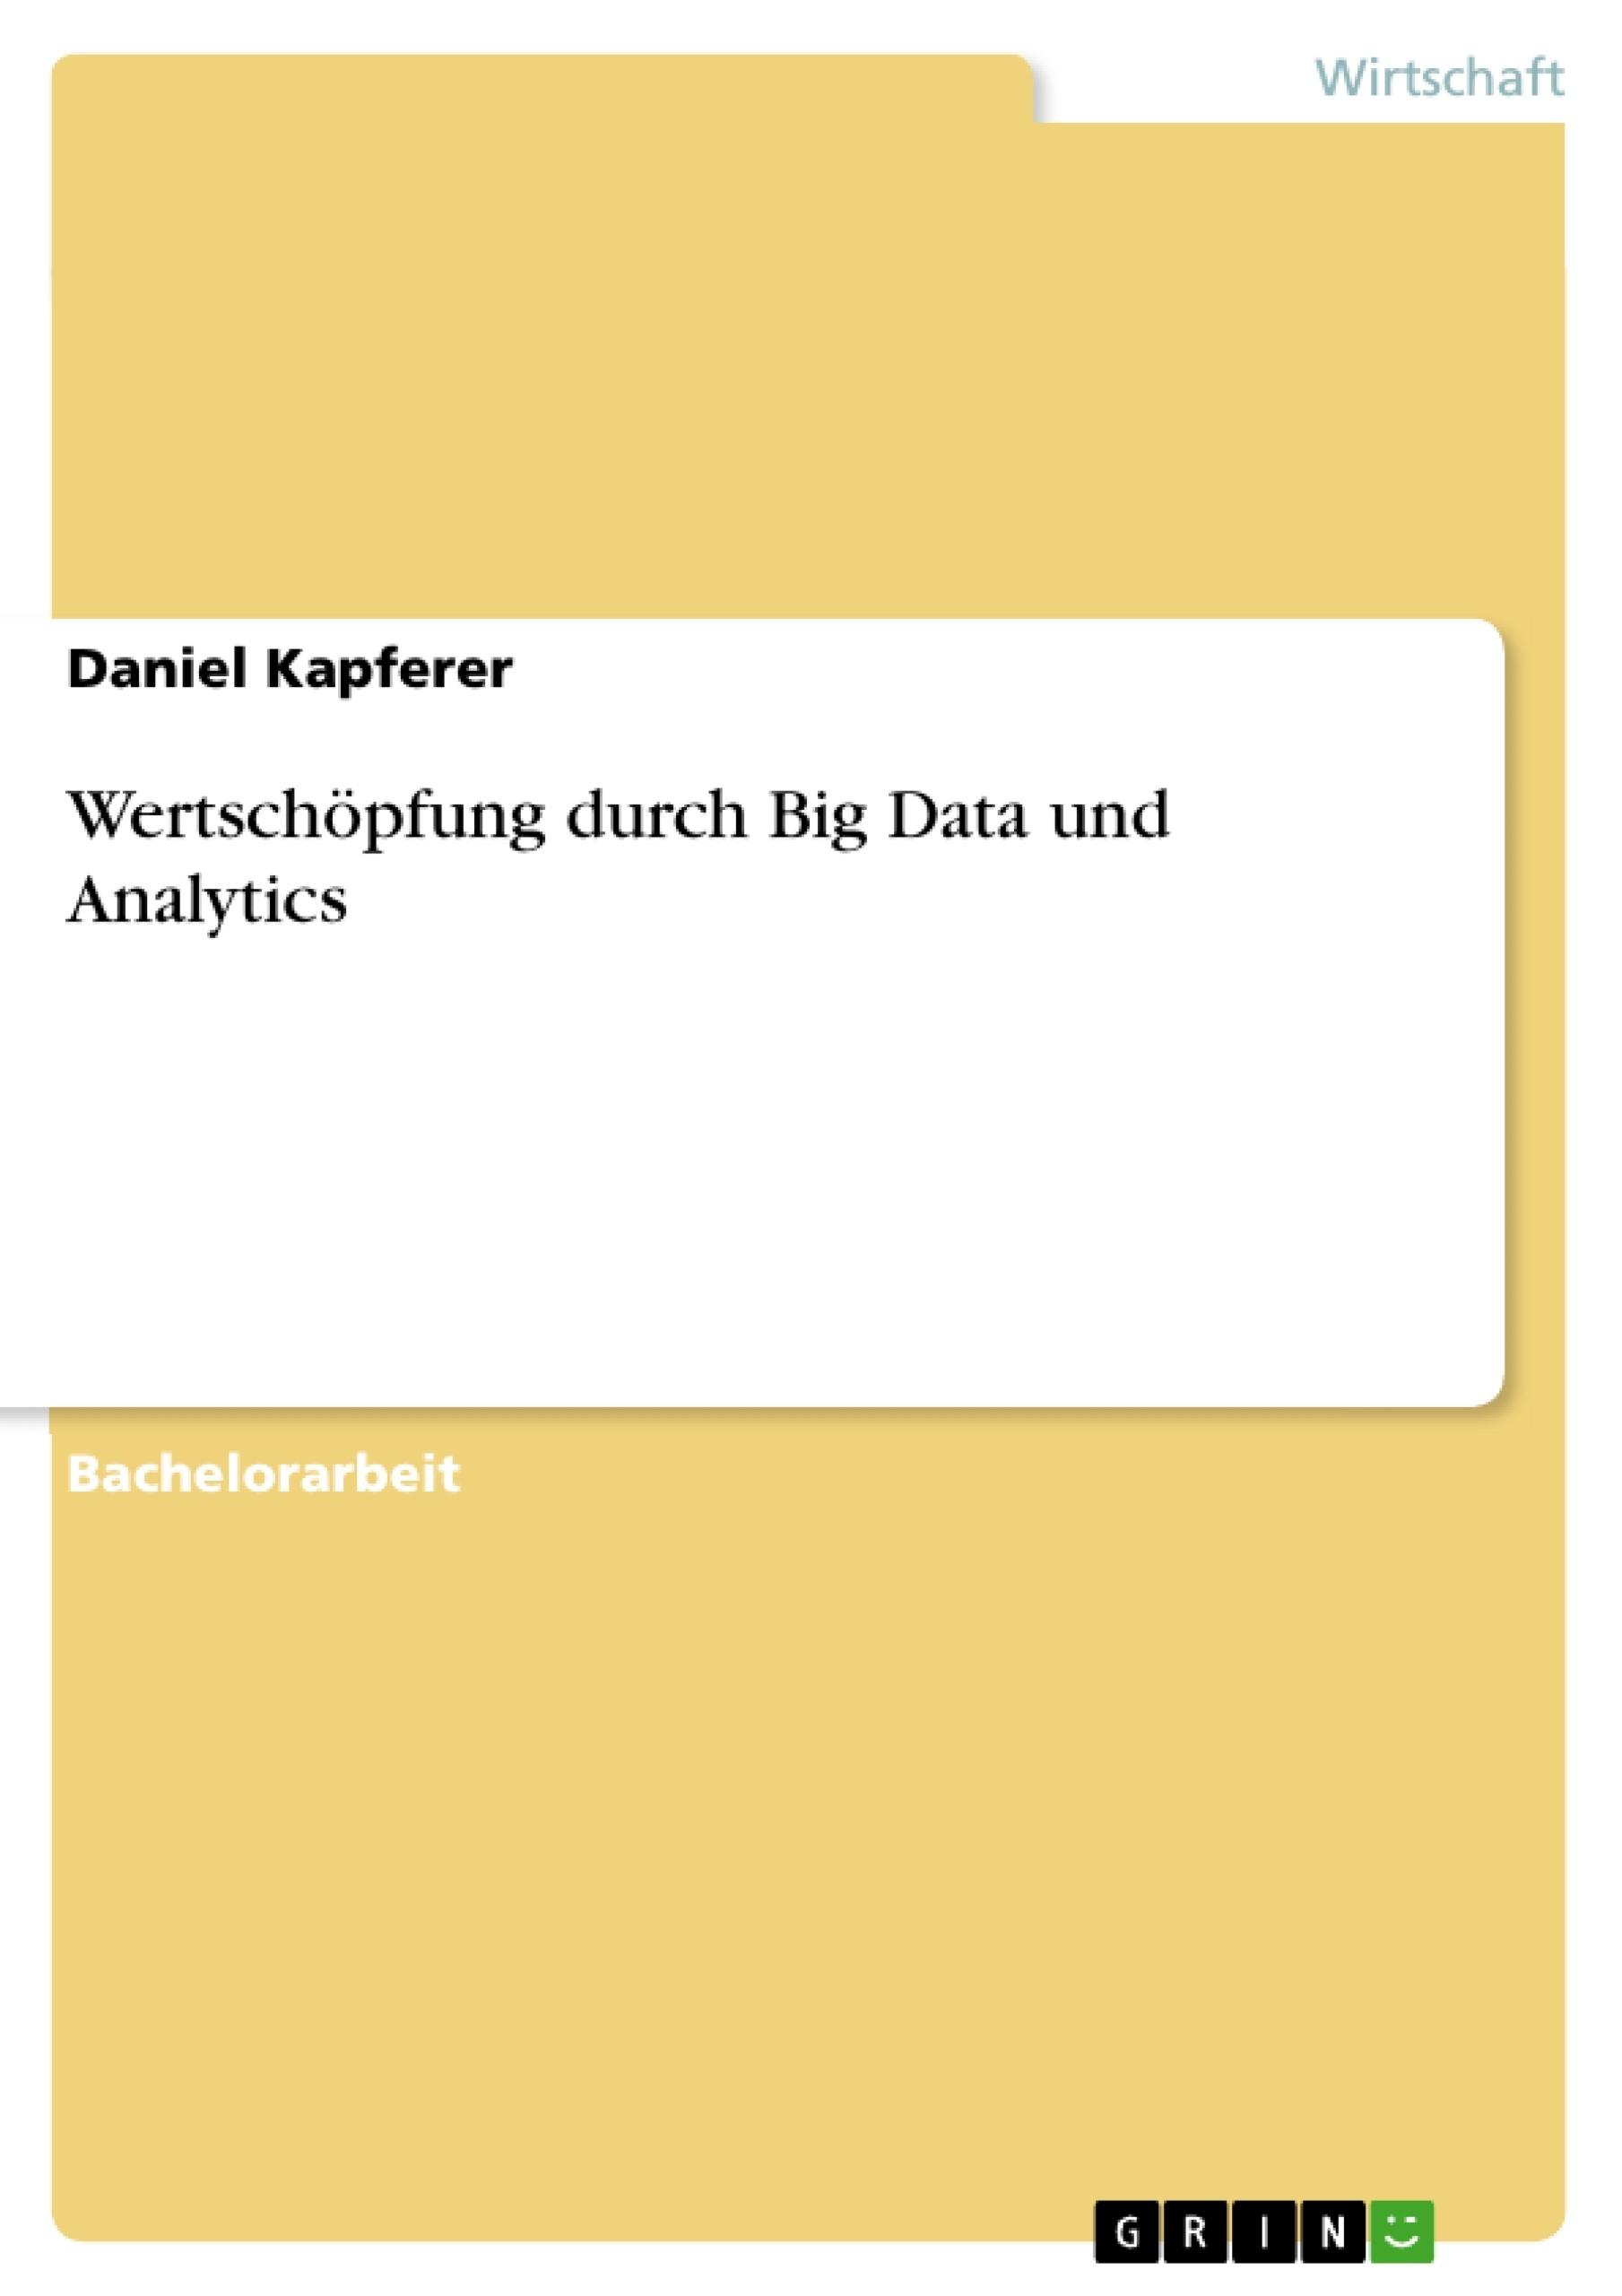 Titel: Wertschöpfung durch Big Data und Analytics